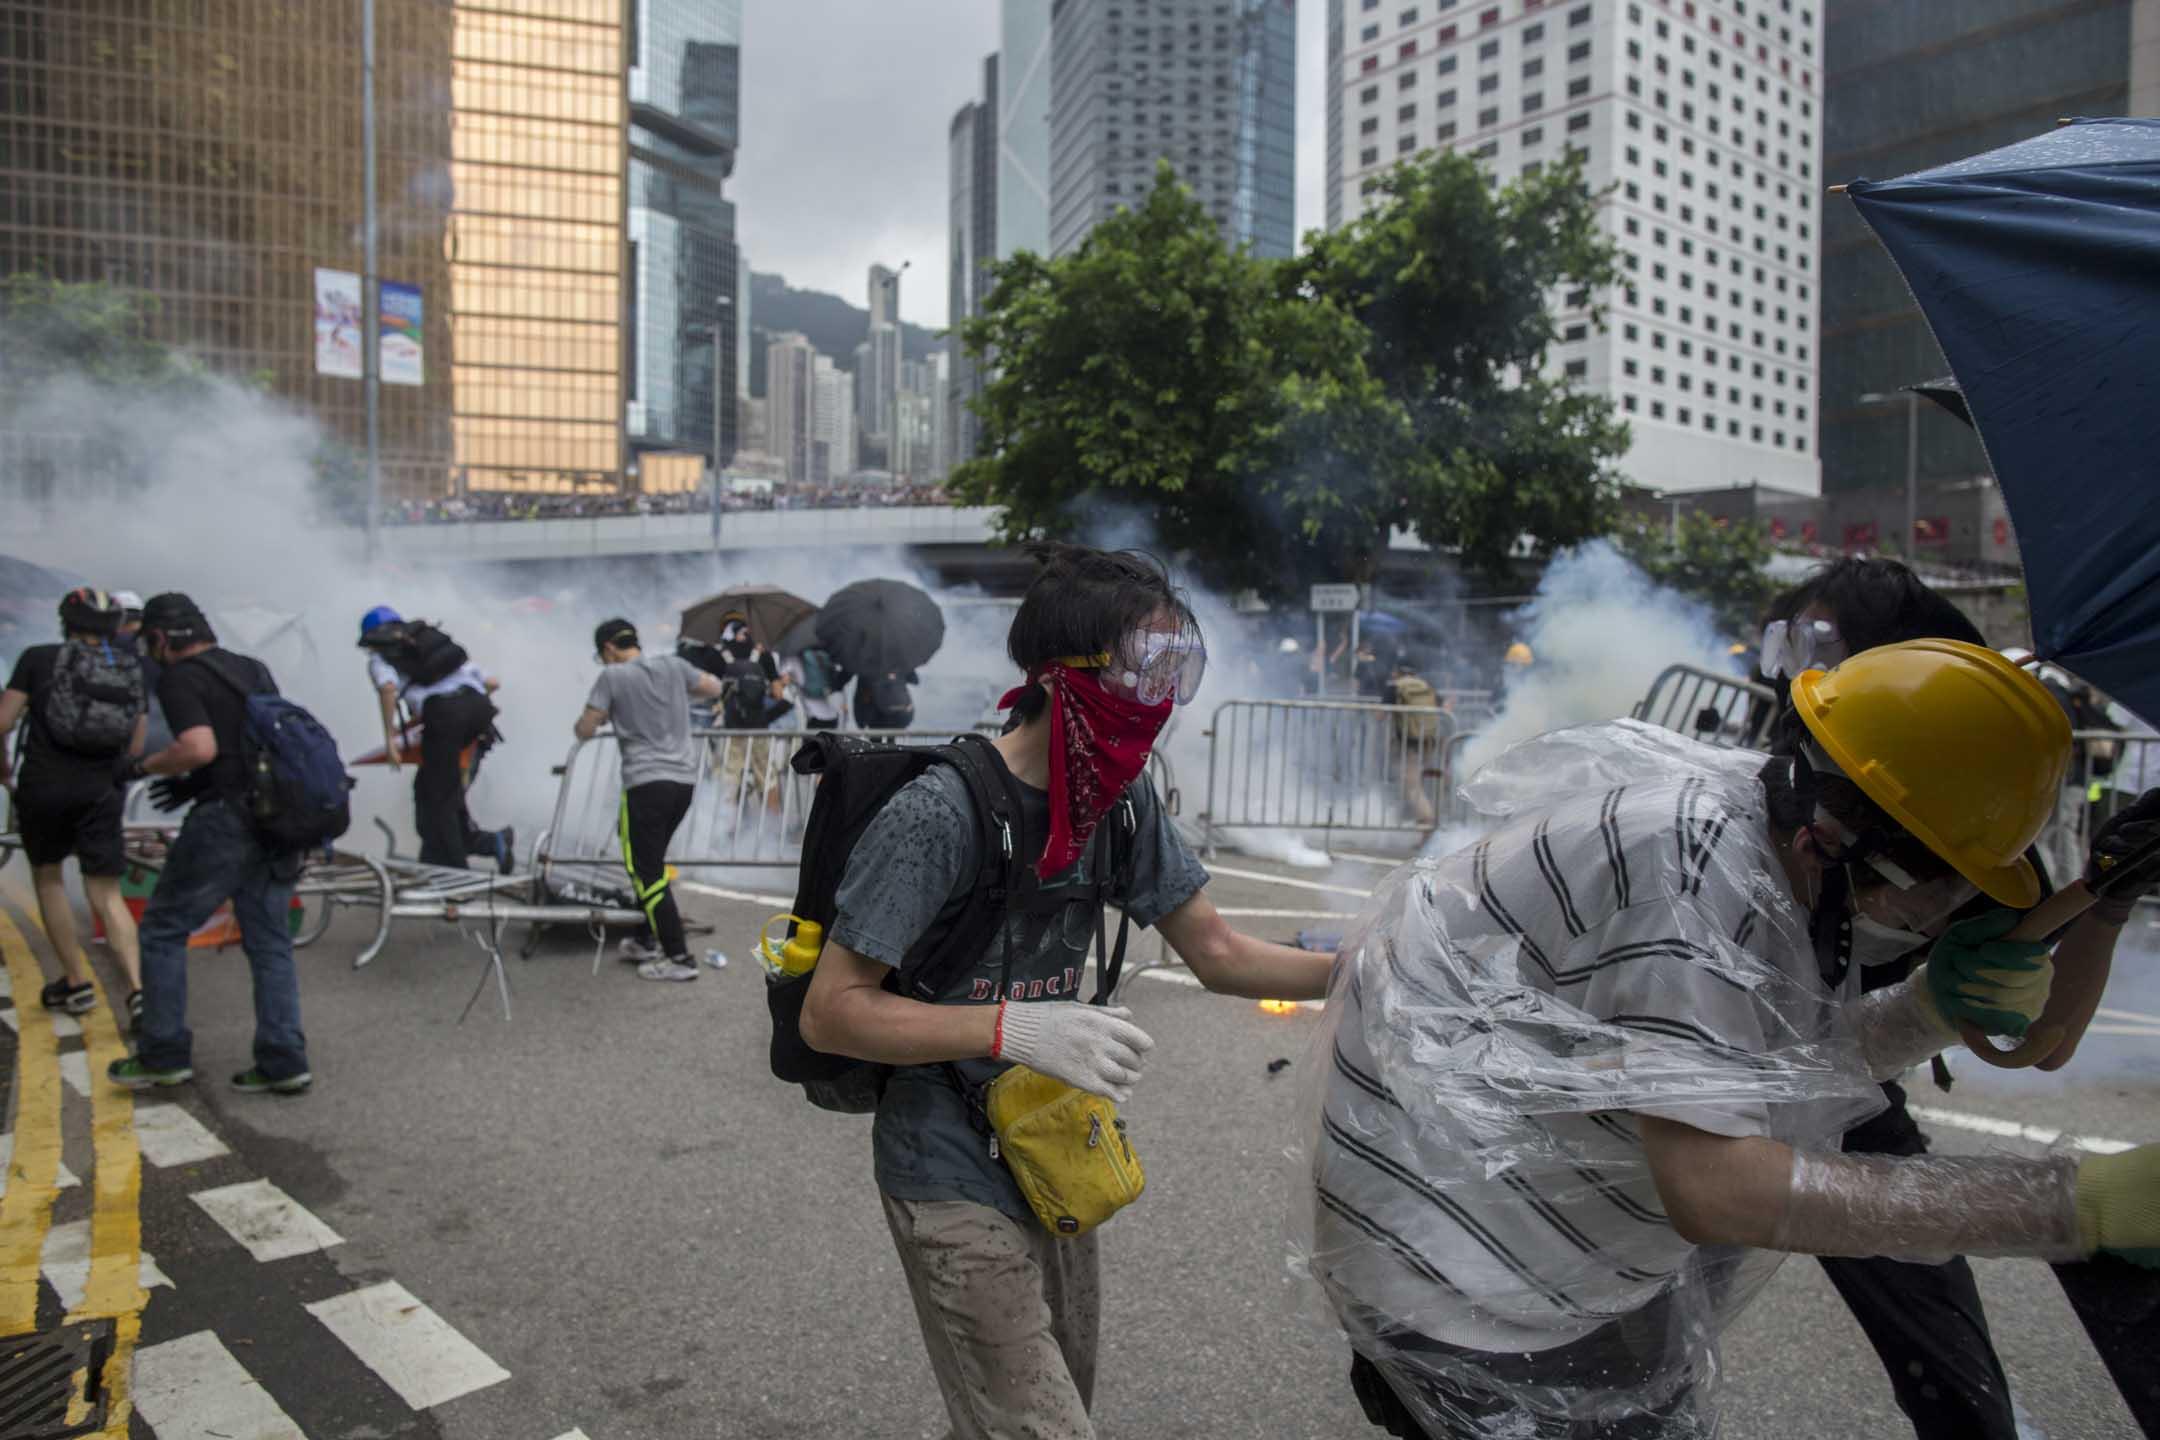 2019年6月12日,示威者衝擊警察防線,遭警方催淚煙還擊。 攝:林振東/端傳媒